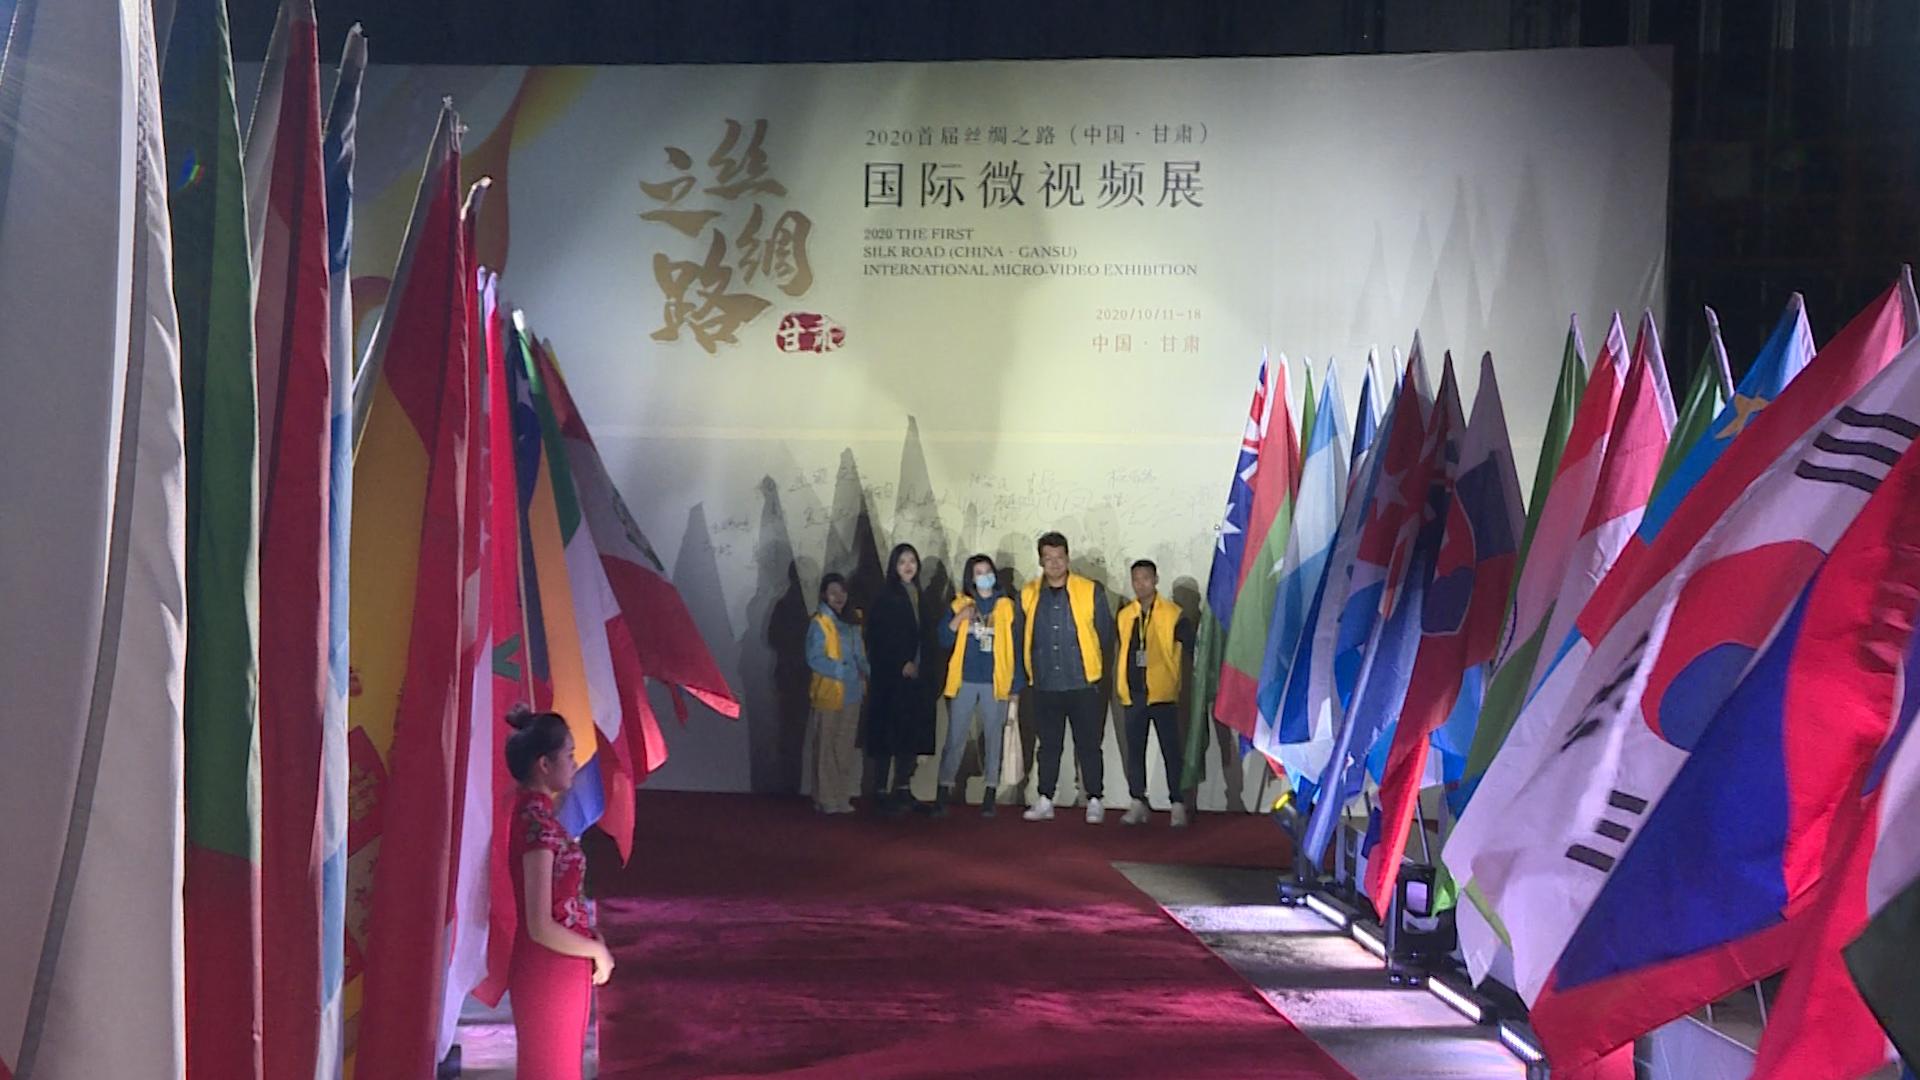 甘肅文旅杯2020首屆絲綢之路短視頻展暨青年短視頻創作精英賽落幕